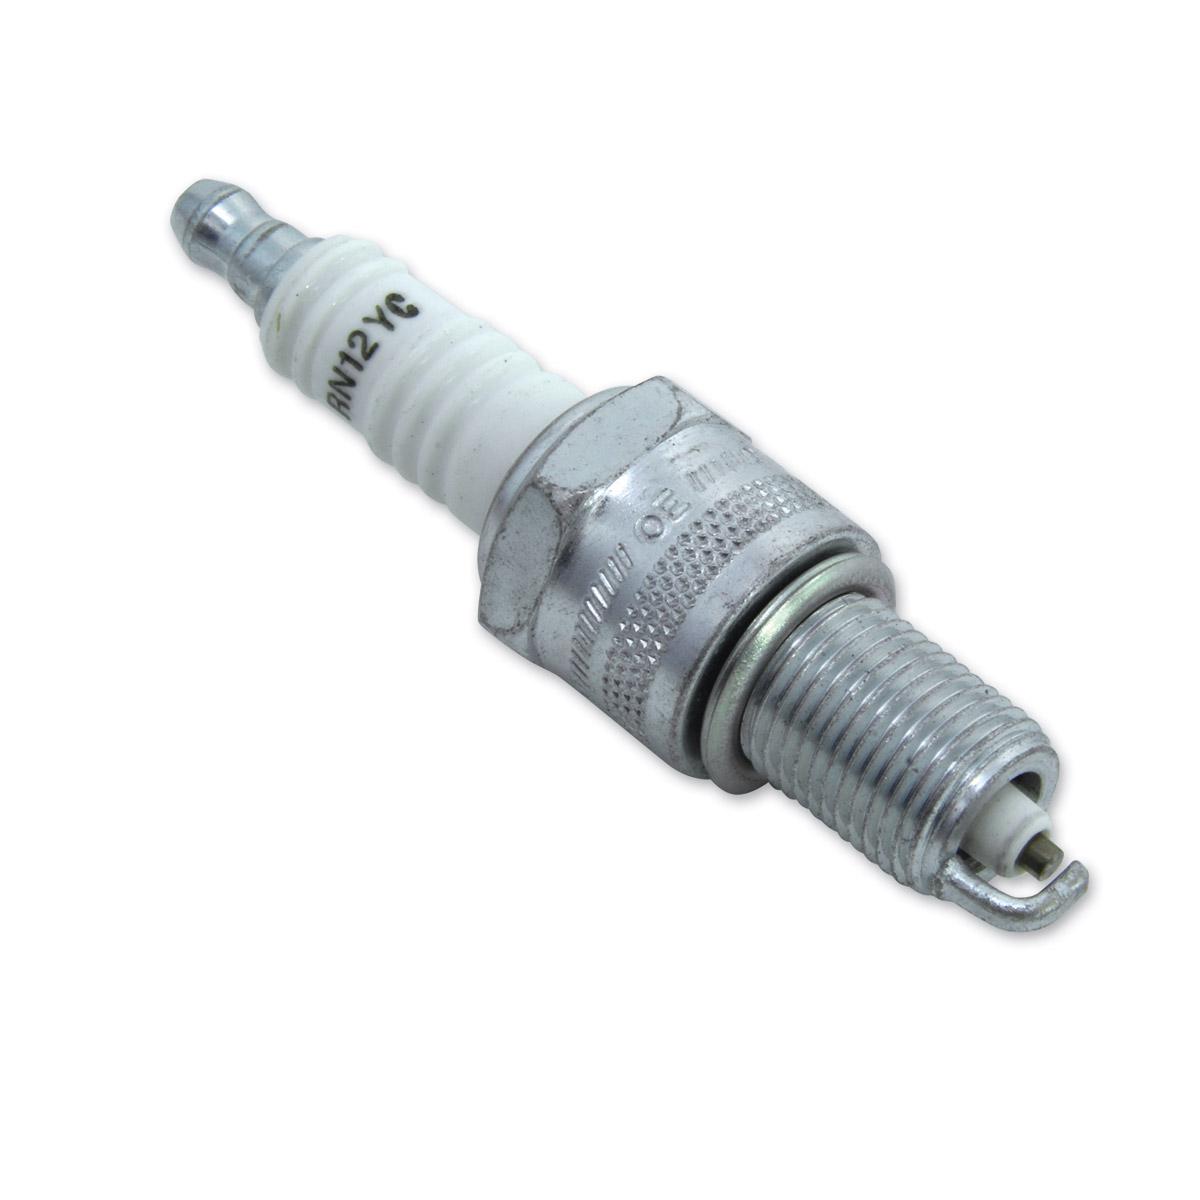 Champion Copper Core Plus RN12YC Spark Plug - RN12YC